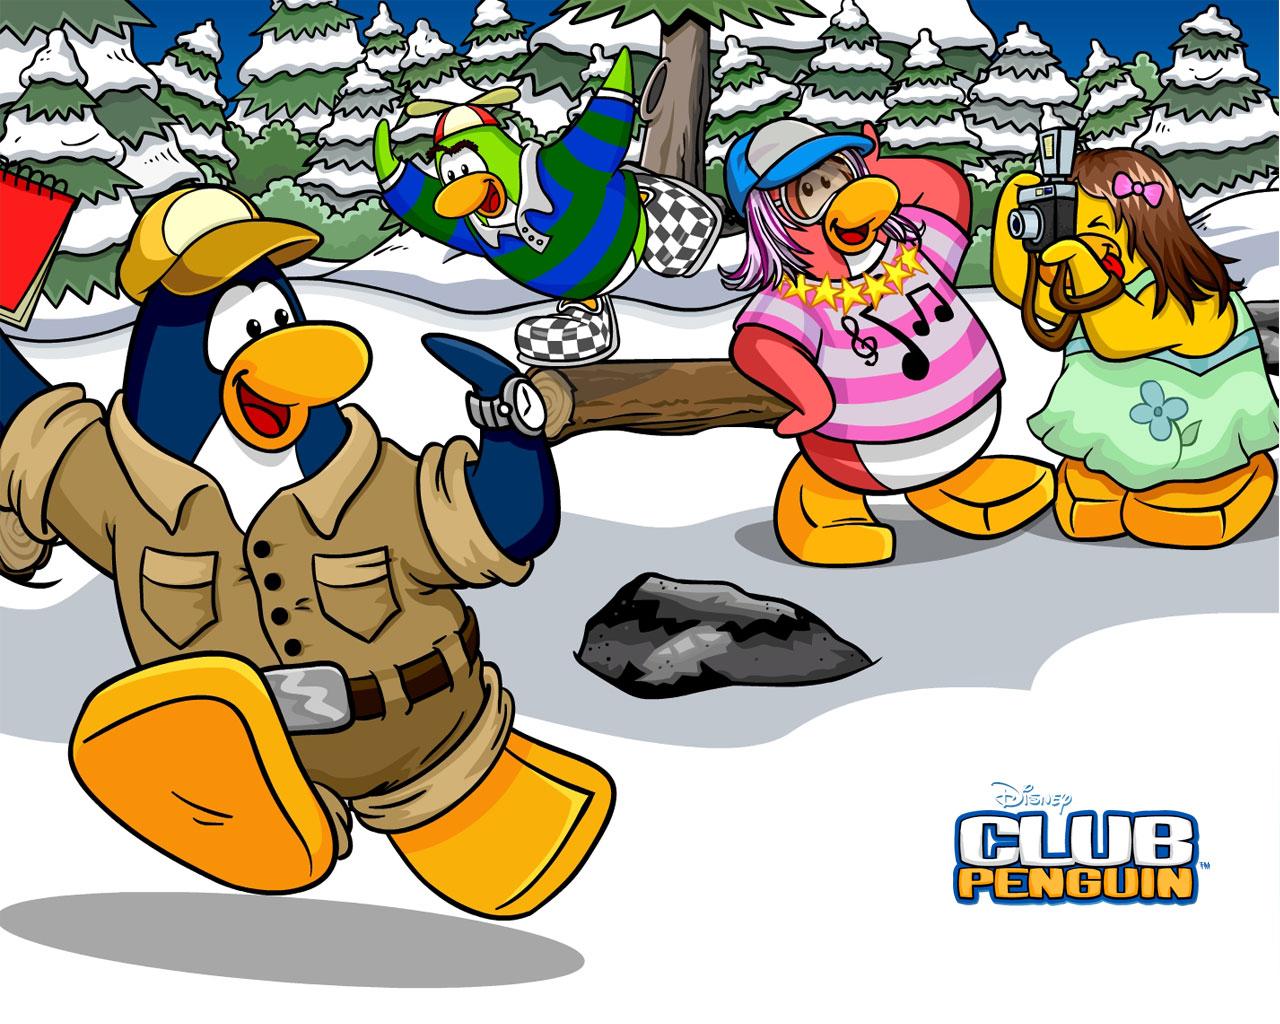 H Club Penguin Club Penguin